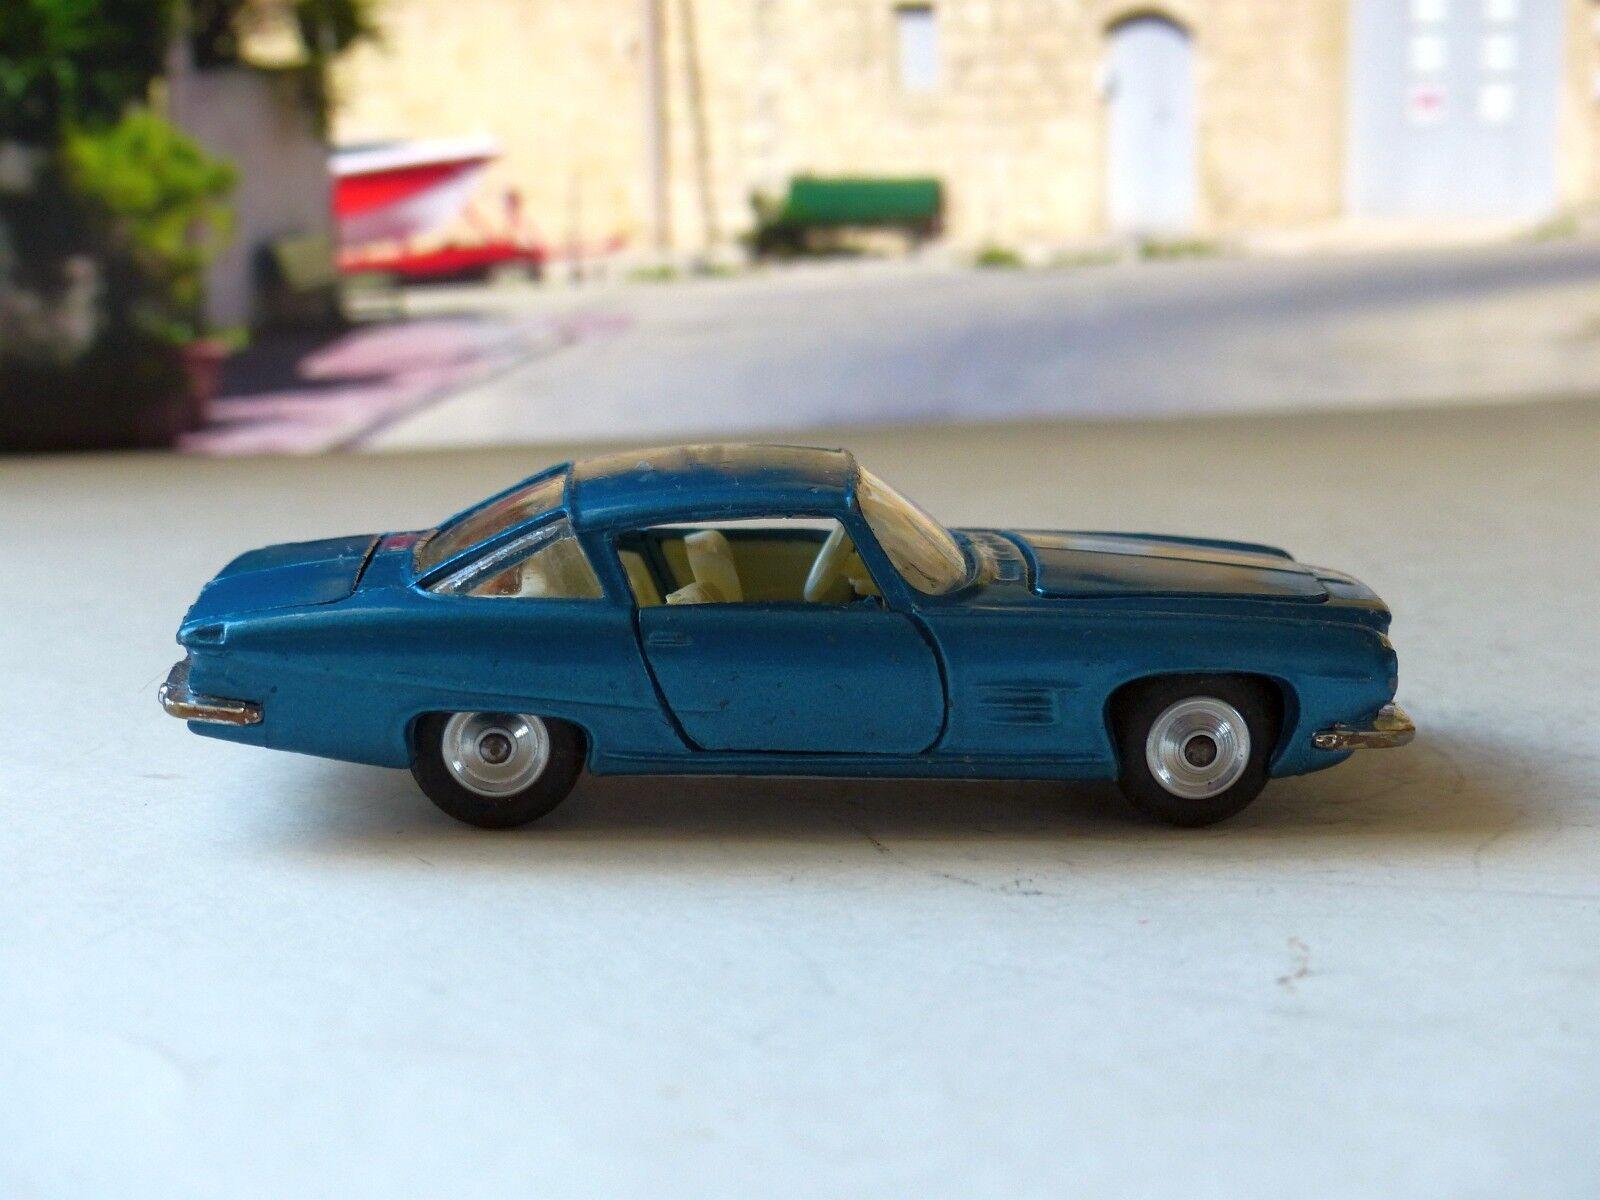 Corgi Corgi Corgi Toys 241 Ghia L6.4 en azul metálico y crema con Caja Original e5a330